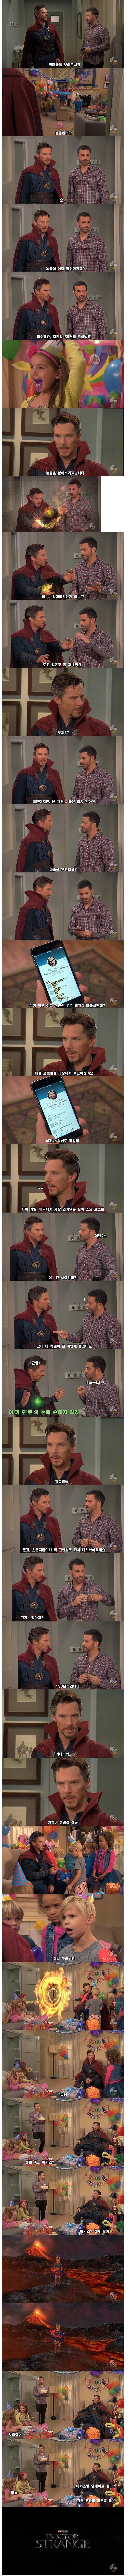 닥터 스트레인지의 비밀 알바.jpg